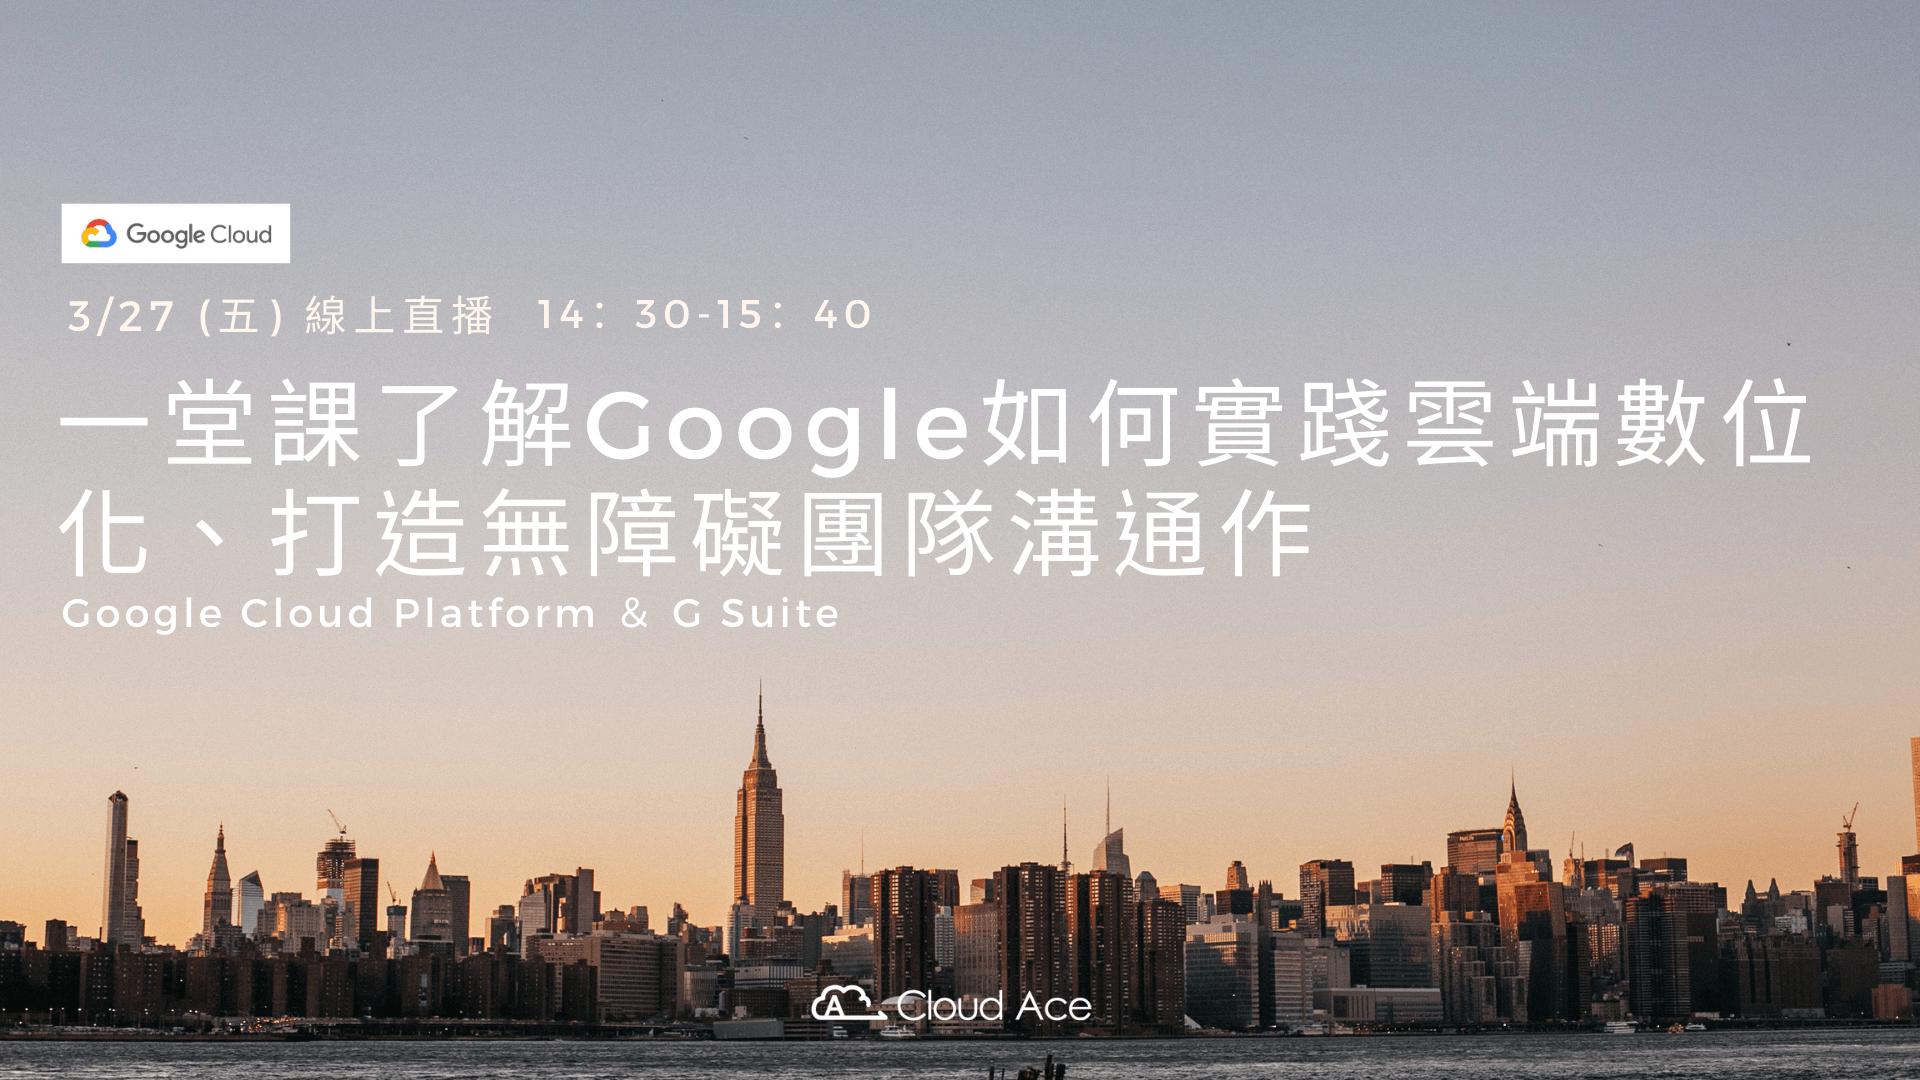 一堂課了解Google如何實踐雲端數位化、打造無障礙團隊溝通作-Google Cloud Platform & G Suite